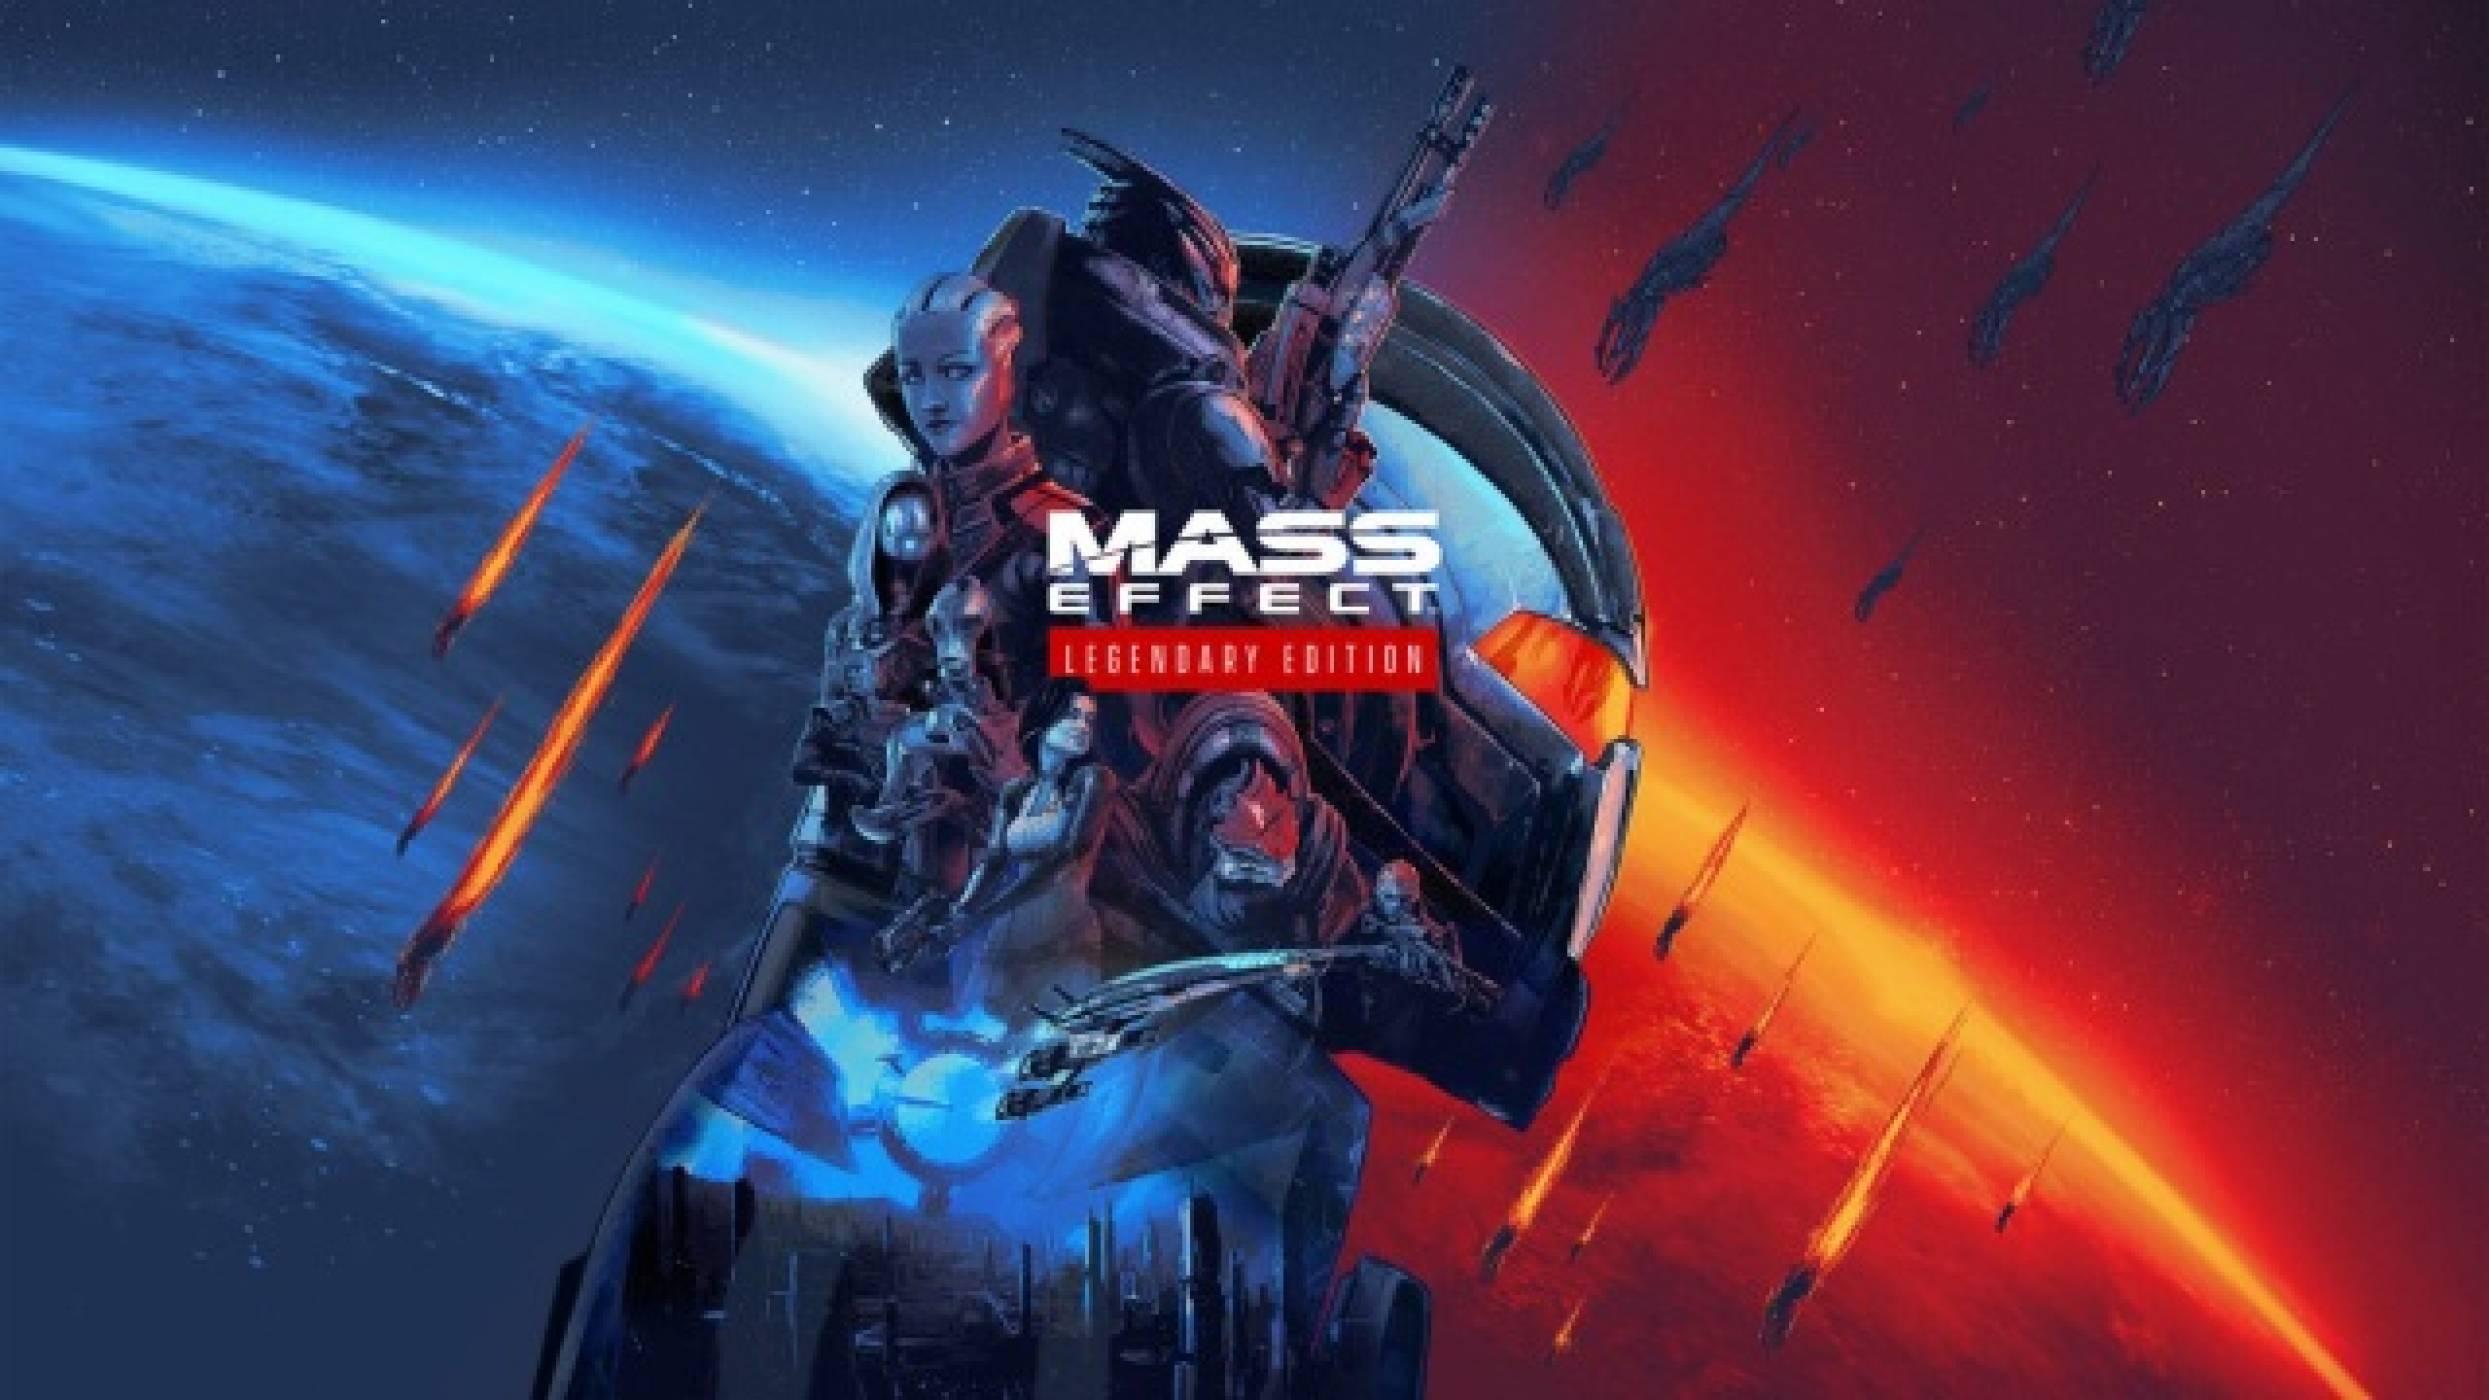 Новата Mass Effect игра идва, но най-напред ще получим (пак) трилогията  (ВИДЕО)